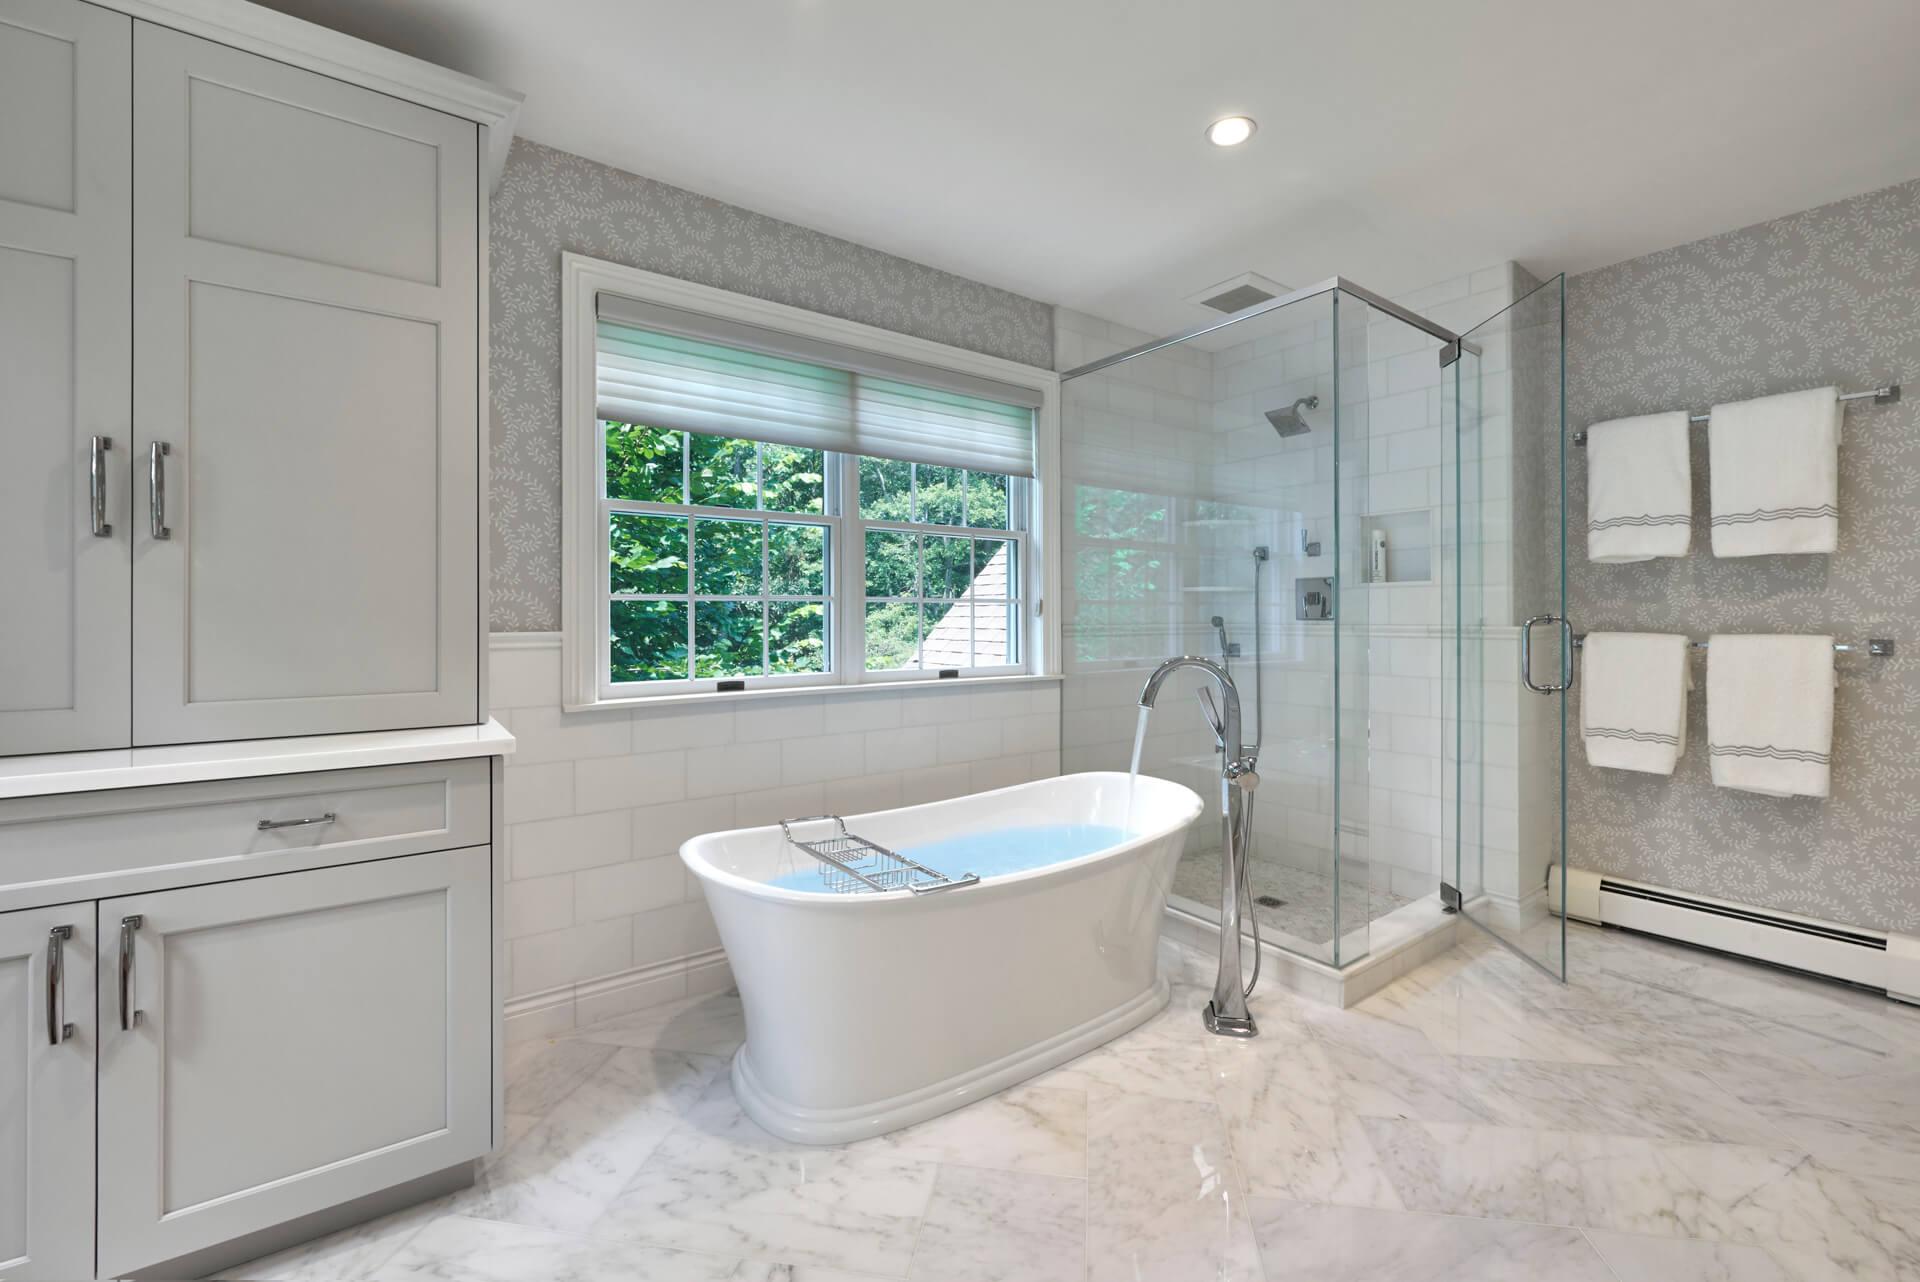 Bath-01 - Tile It Up Now